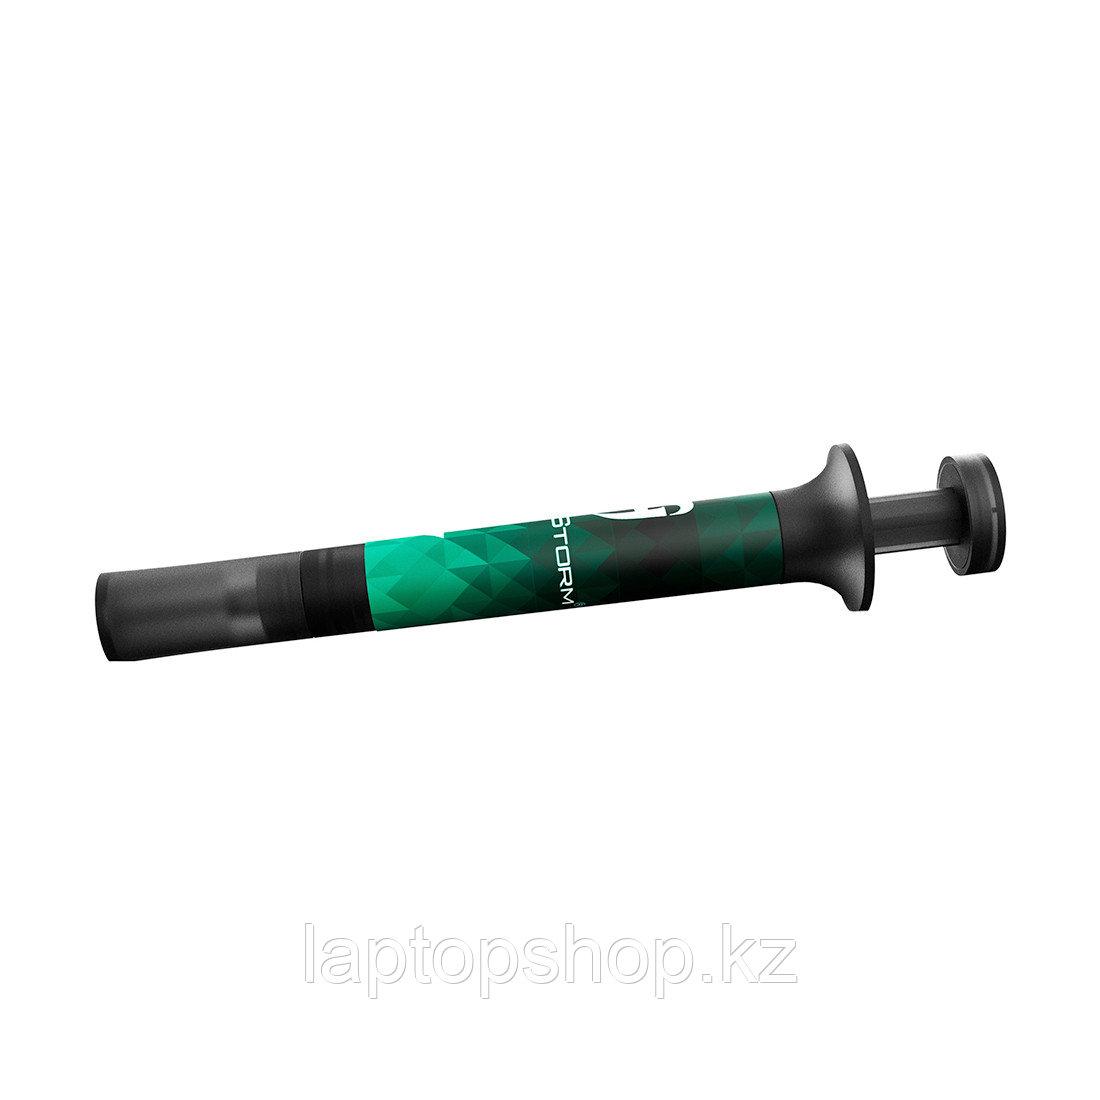 Термопаста Deepcool G40 (в шприце), DP-GS-TP-G40, 4 грамм